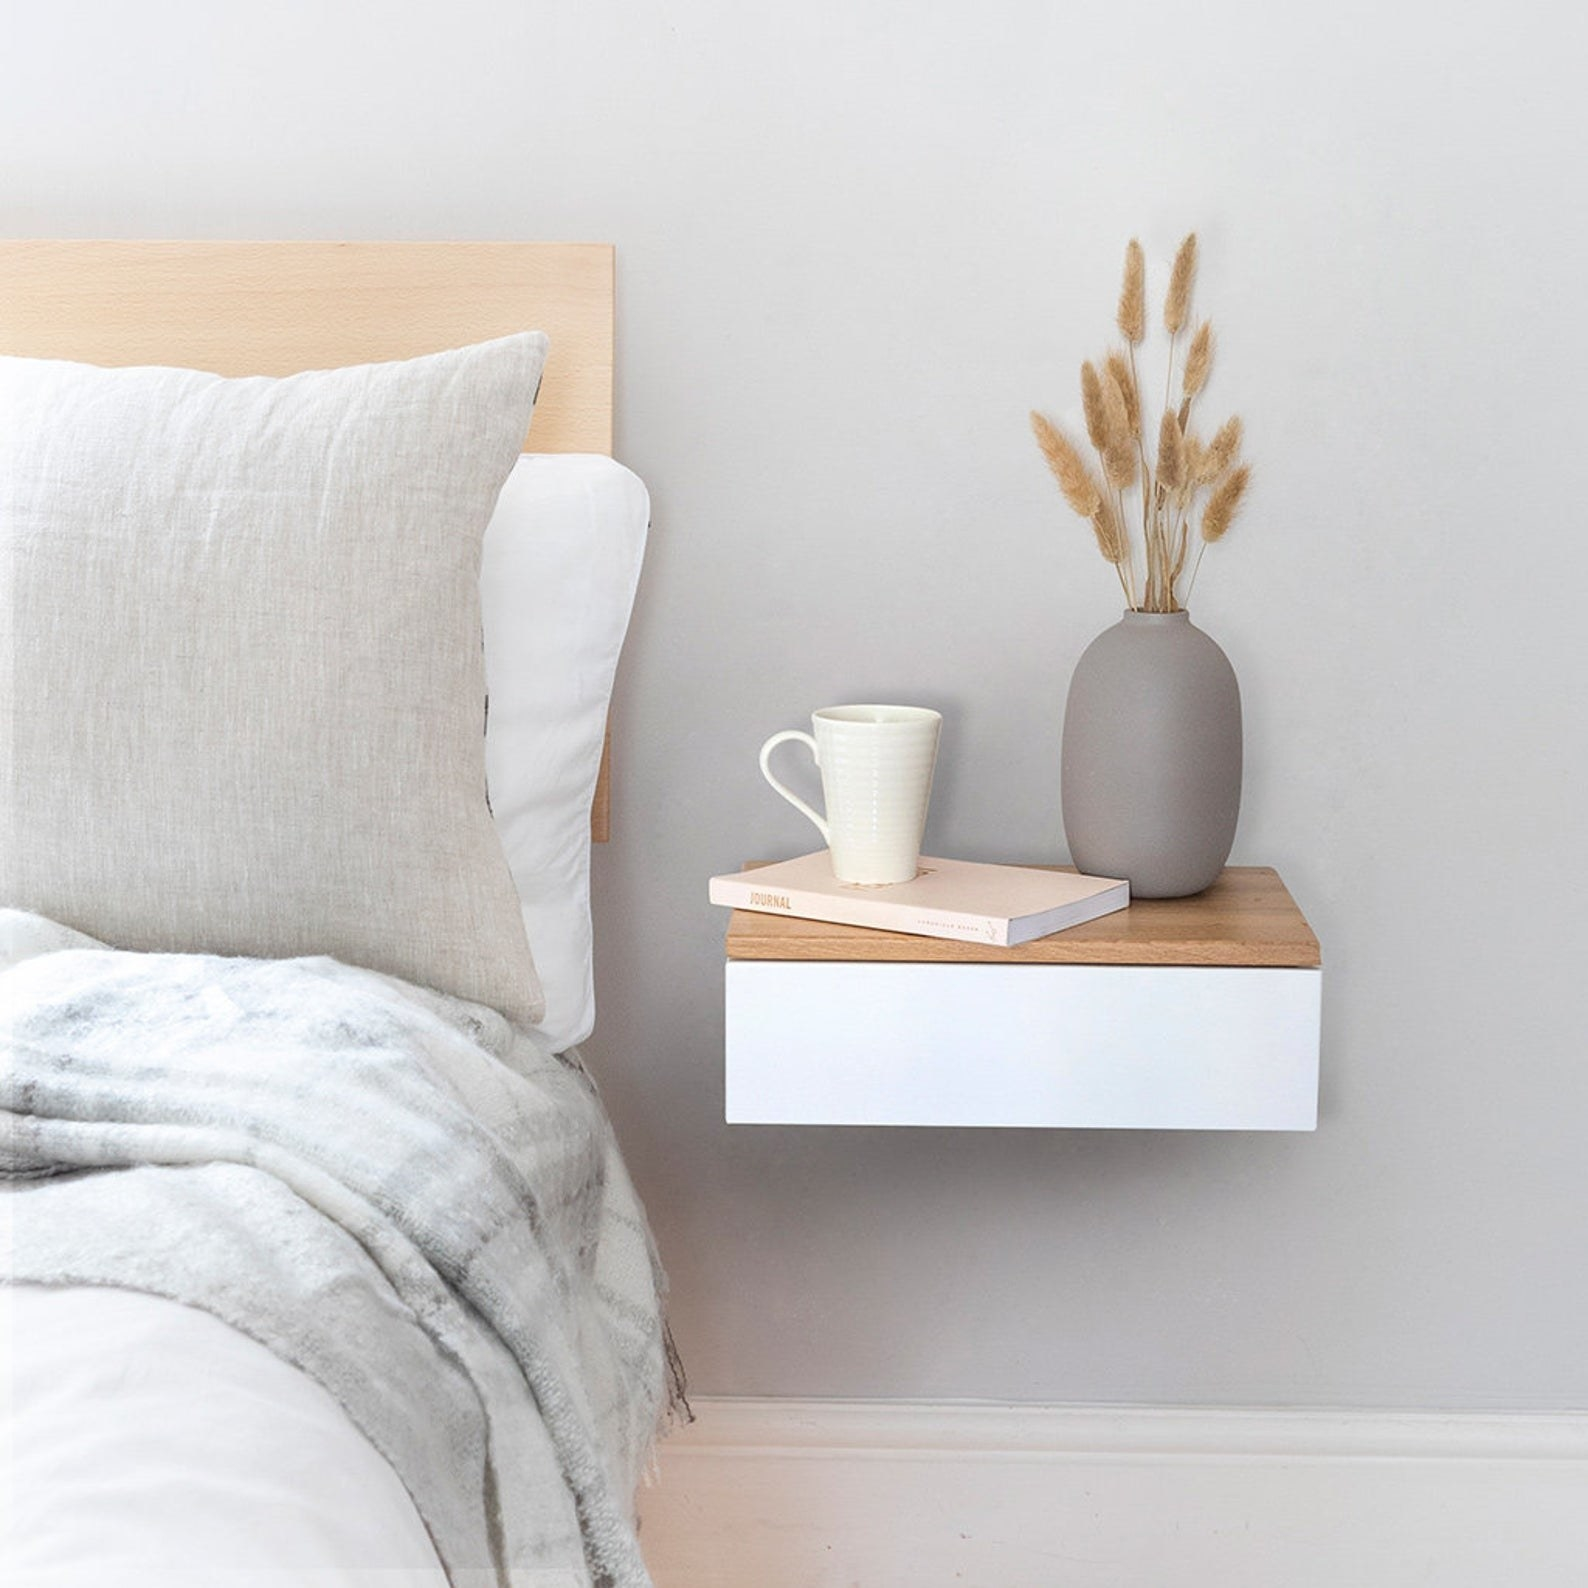 Floating bedside drawer in bedroom